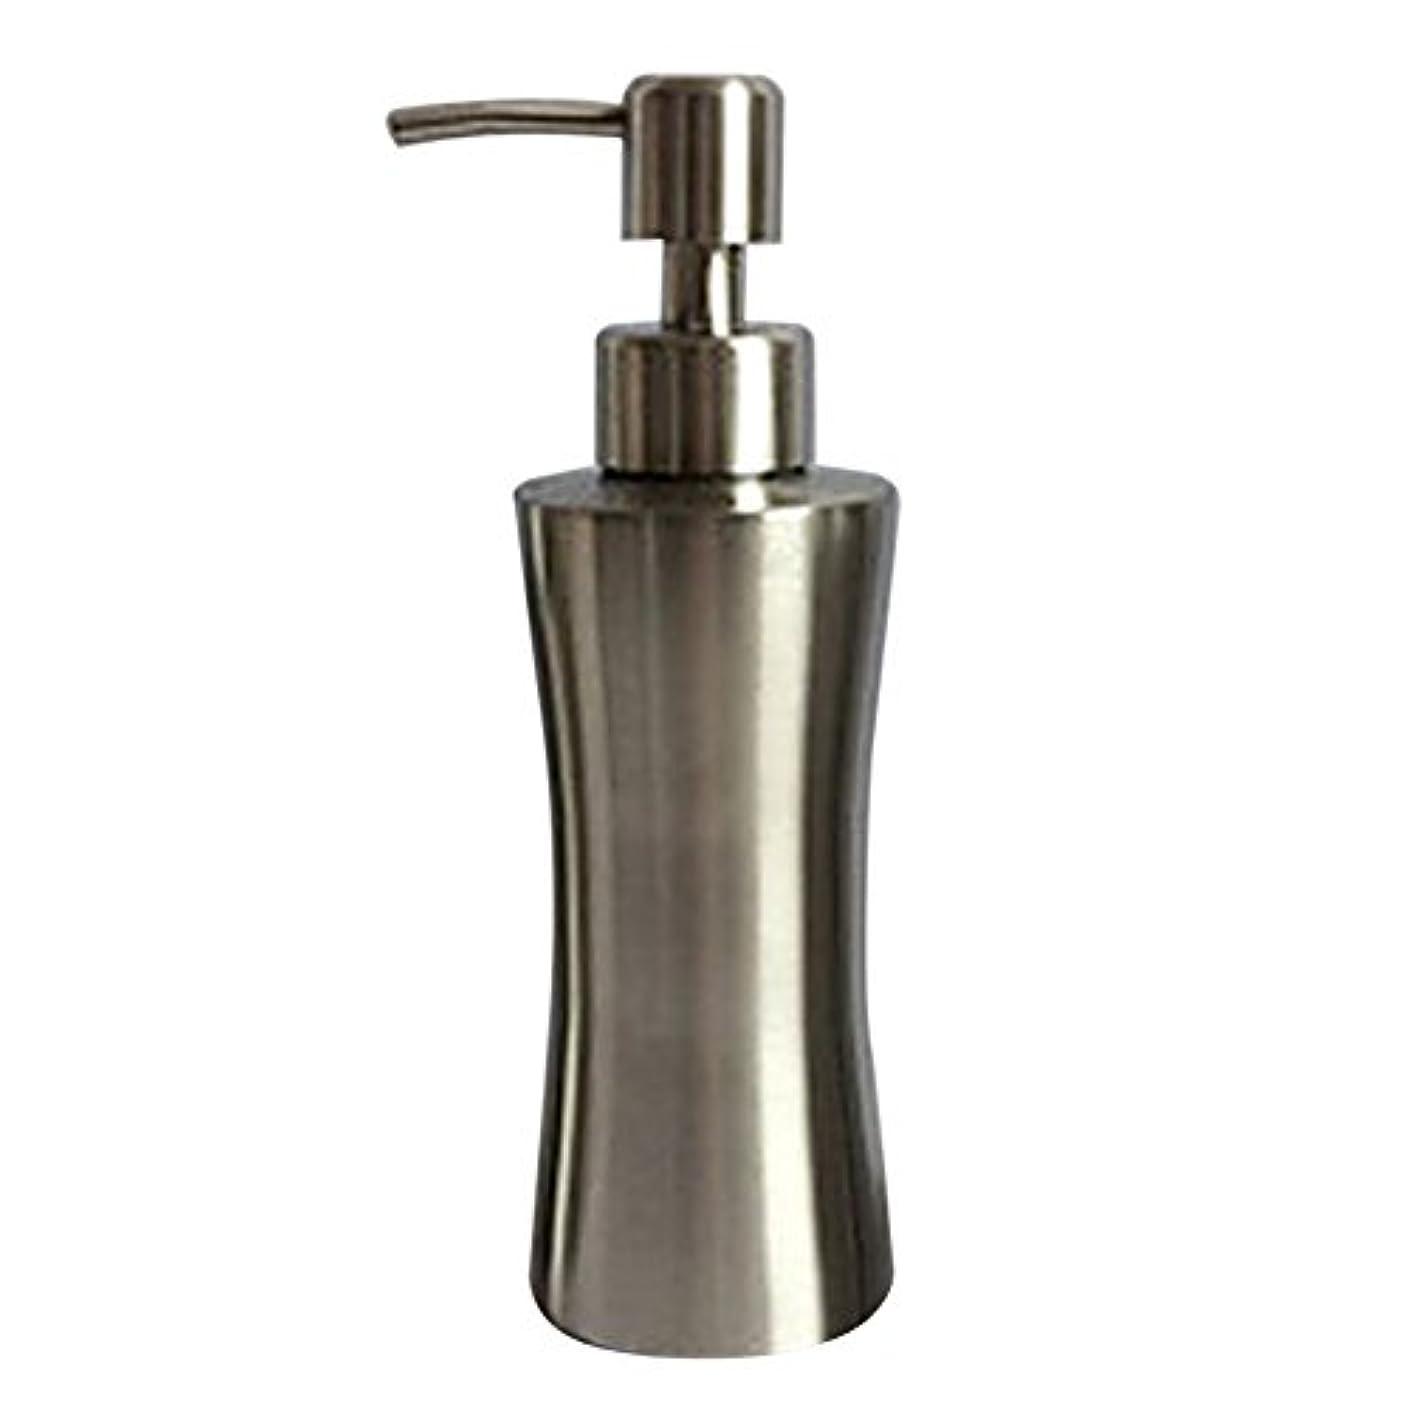 真実に成功メッセージディスペンサー ステンレス ボトル 容器 ソープ 石鹸 シャンプー 手洗いボトル 耐久性 錆びない 220ml/250ml/400ml (B:250ml)